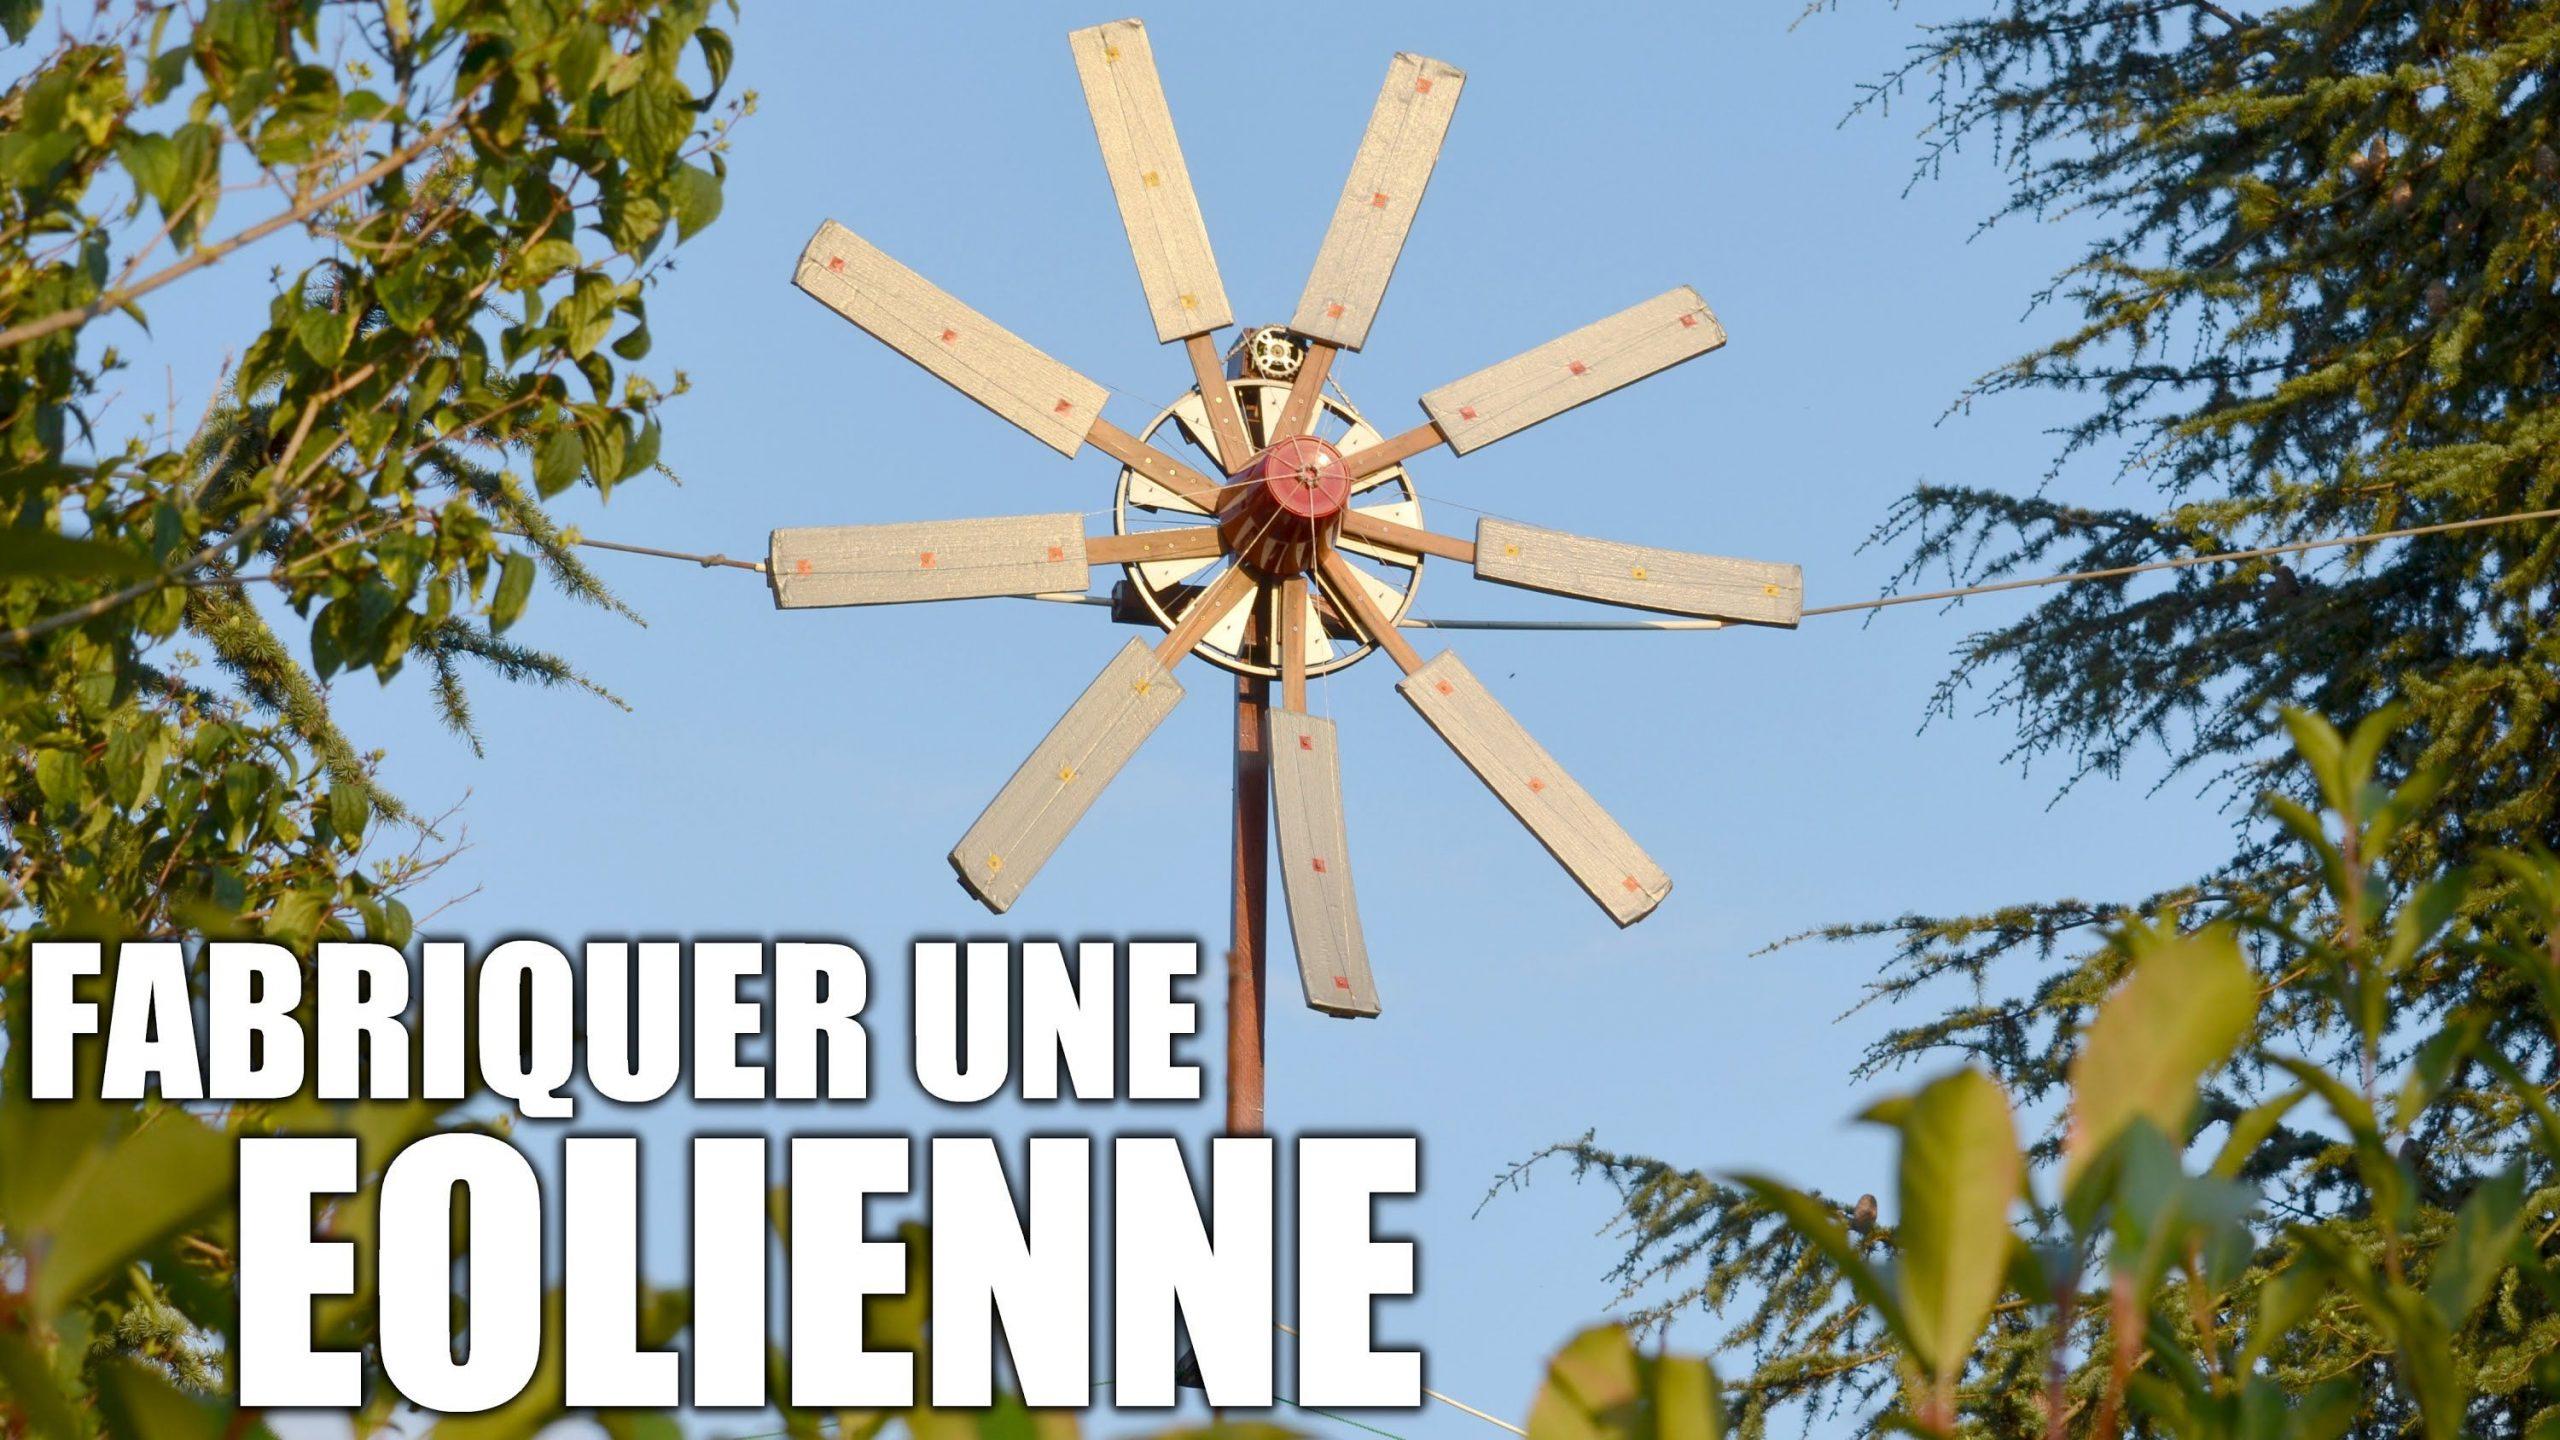 Fabriquer Une Éolienne : Incroyables Expériences [85 ... à Petite Éolienne De Jardin